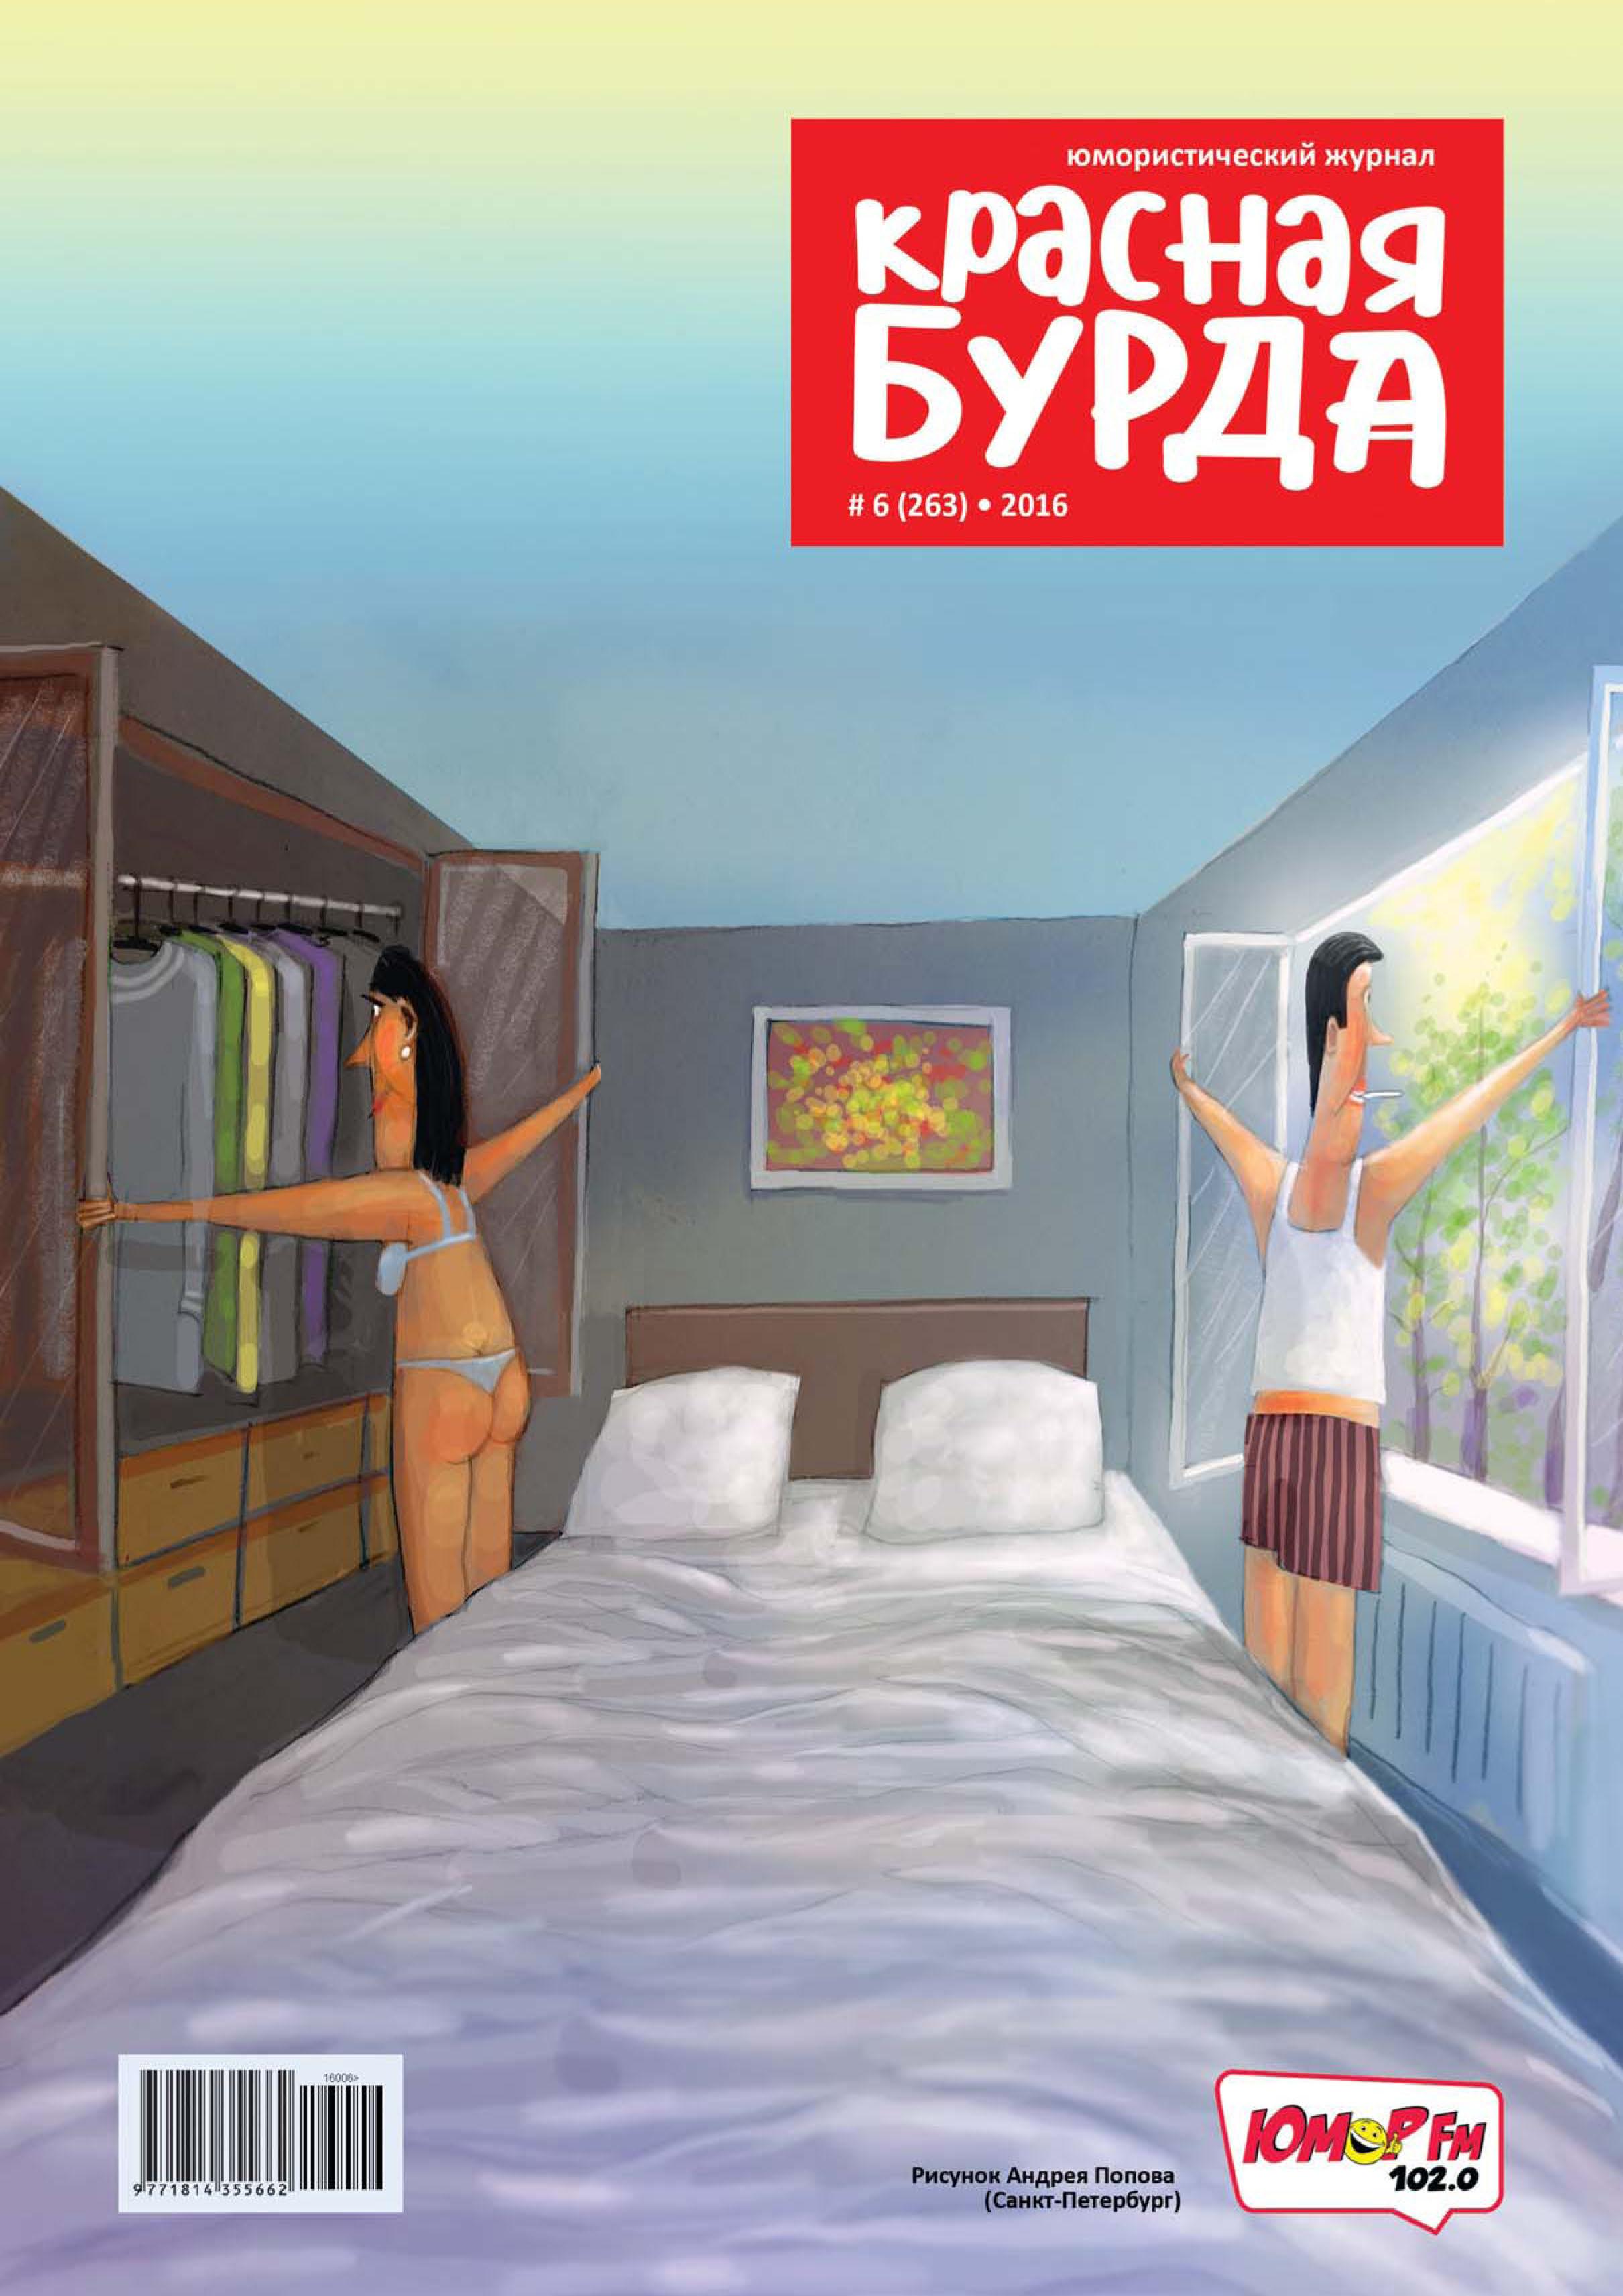 Отсутствует Красная бурда. Юмористический журнал №06/2016 с сенокоса